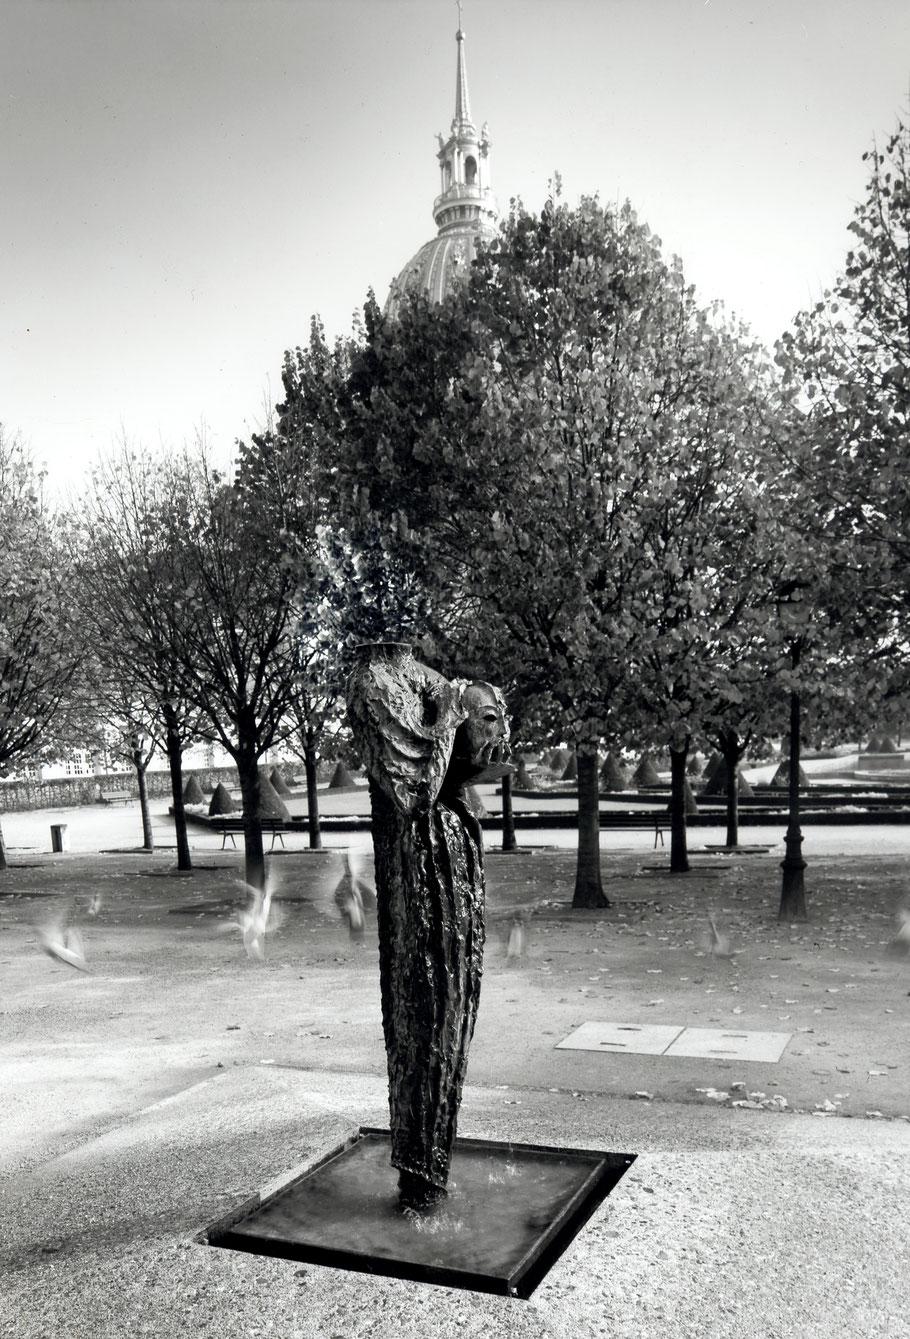 Parole portée à la mémoire des victimes du terrorisme, 1998, bronze I/I, 230 x 74 x 74 cm, Jardin de l'Intendant, boulevard des Invalides, Paris © Hughes Dubois